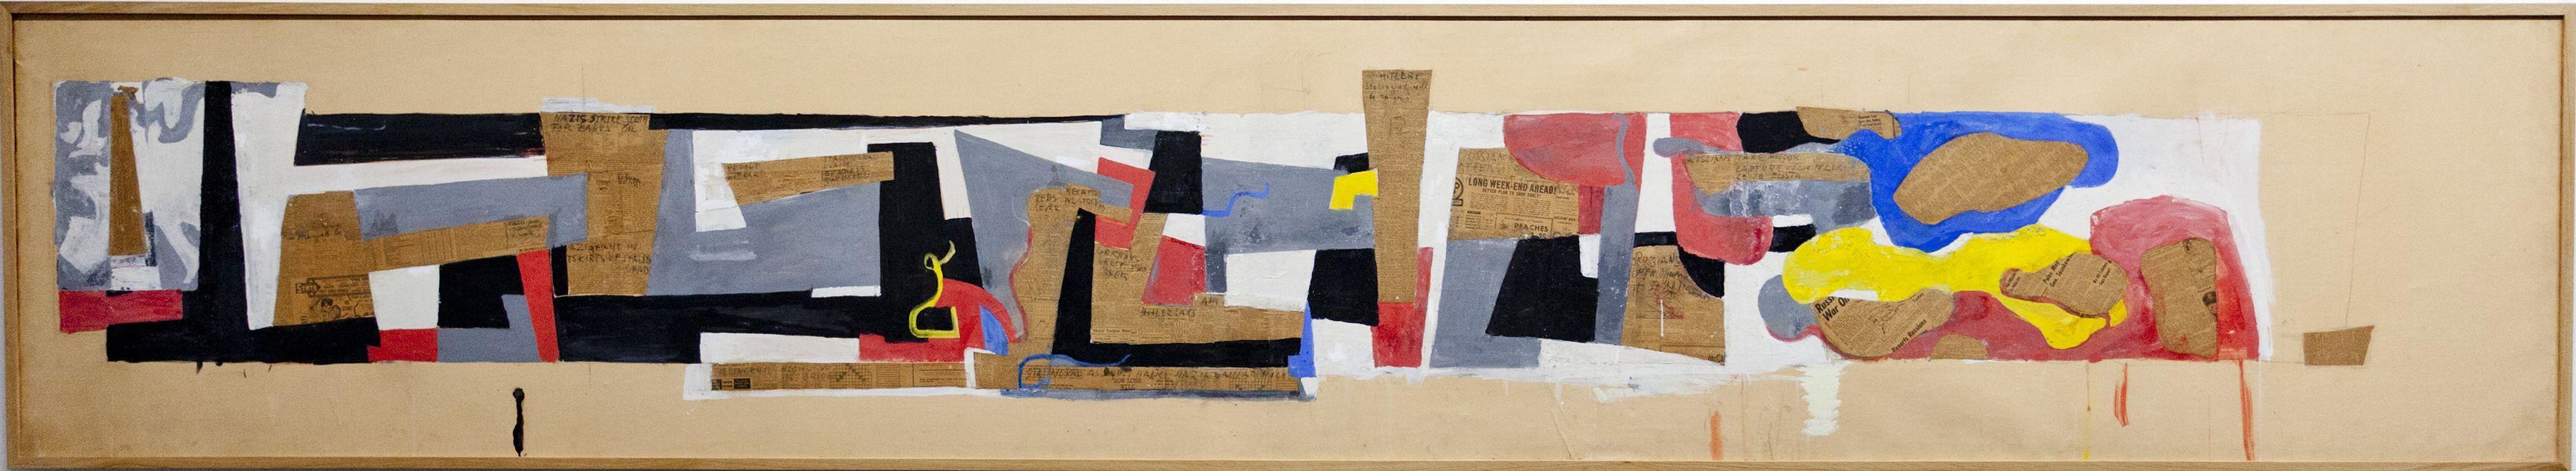 Hans Richter: Stalingrad (Sieg im Osten), 1943-1946 Tempera, Collage auf Papier über Leinwand, 94 x 512 cm